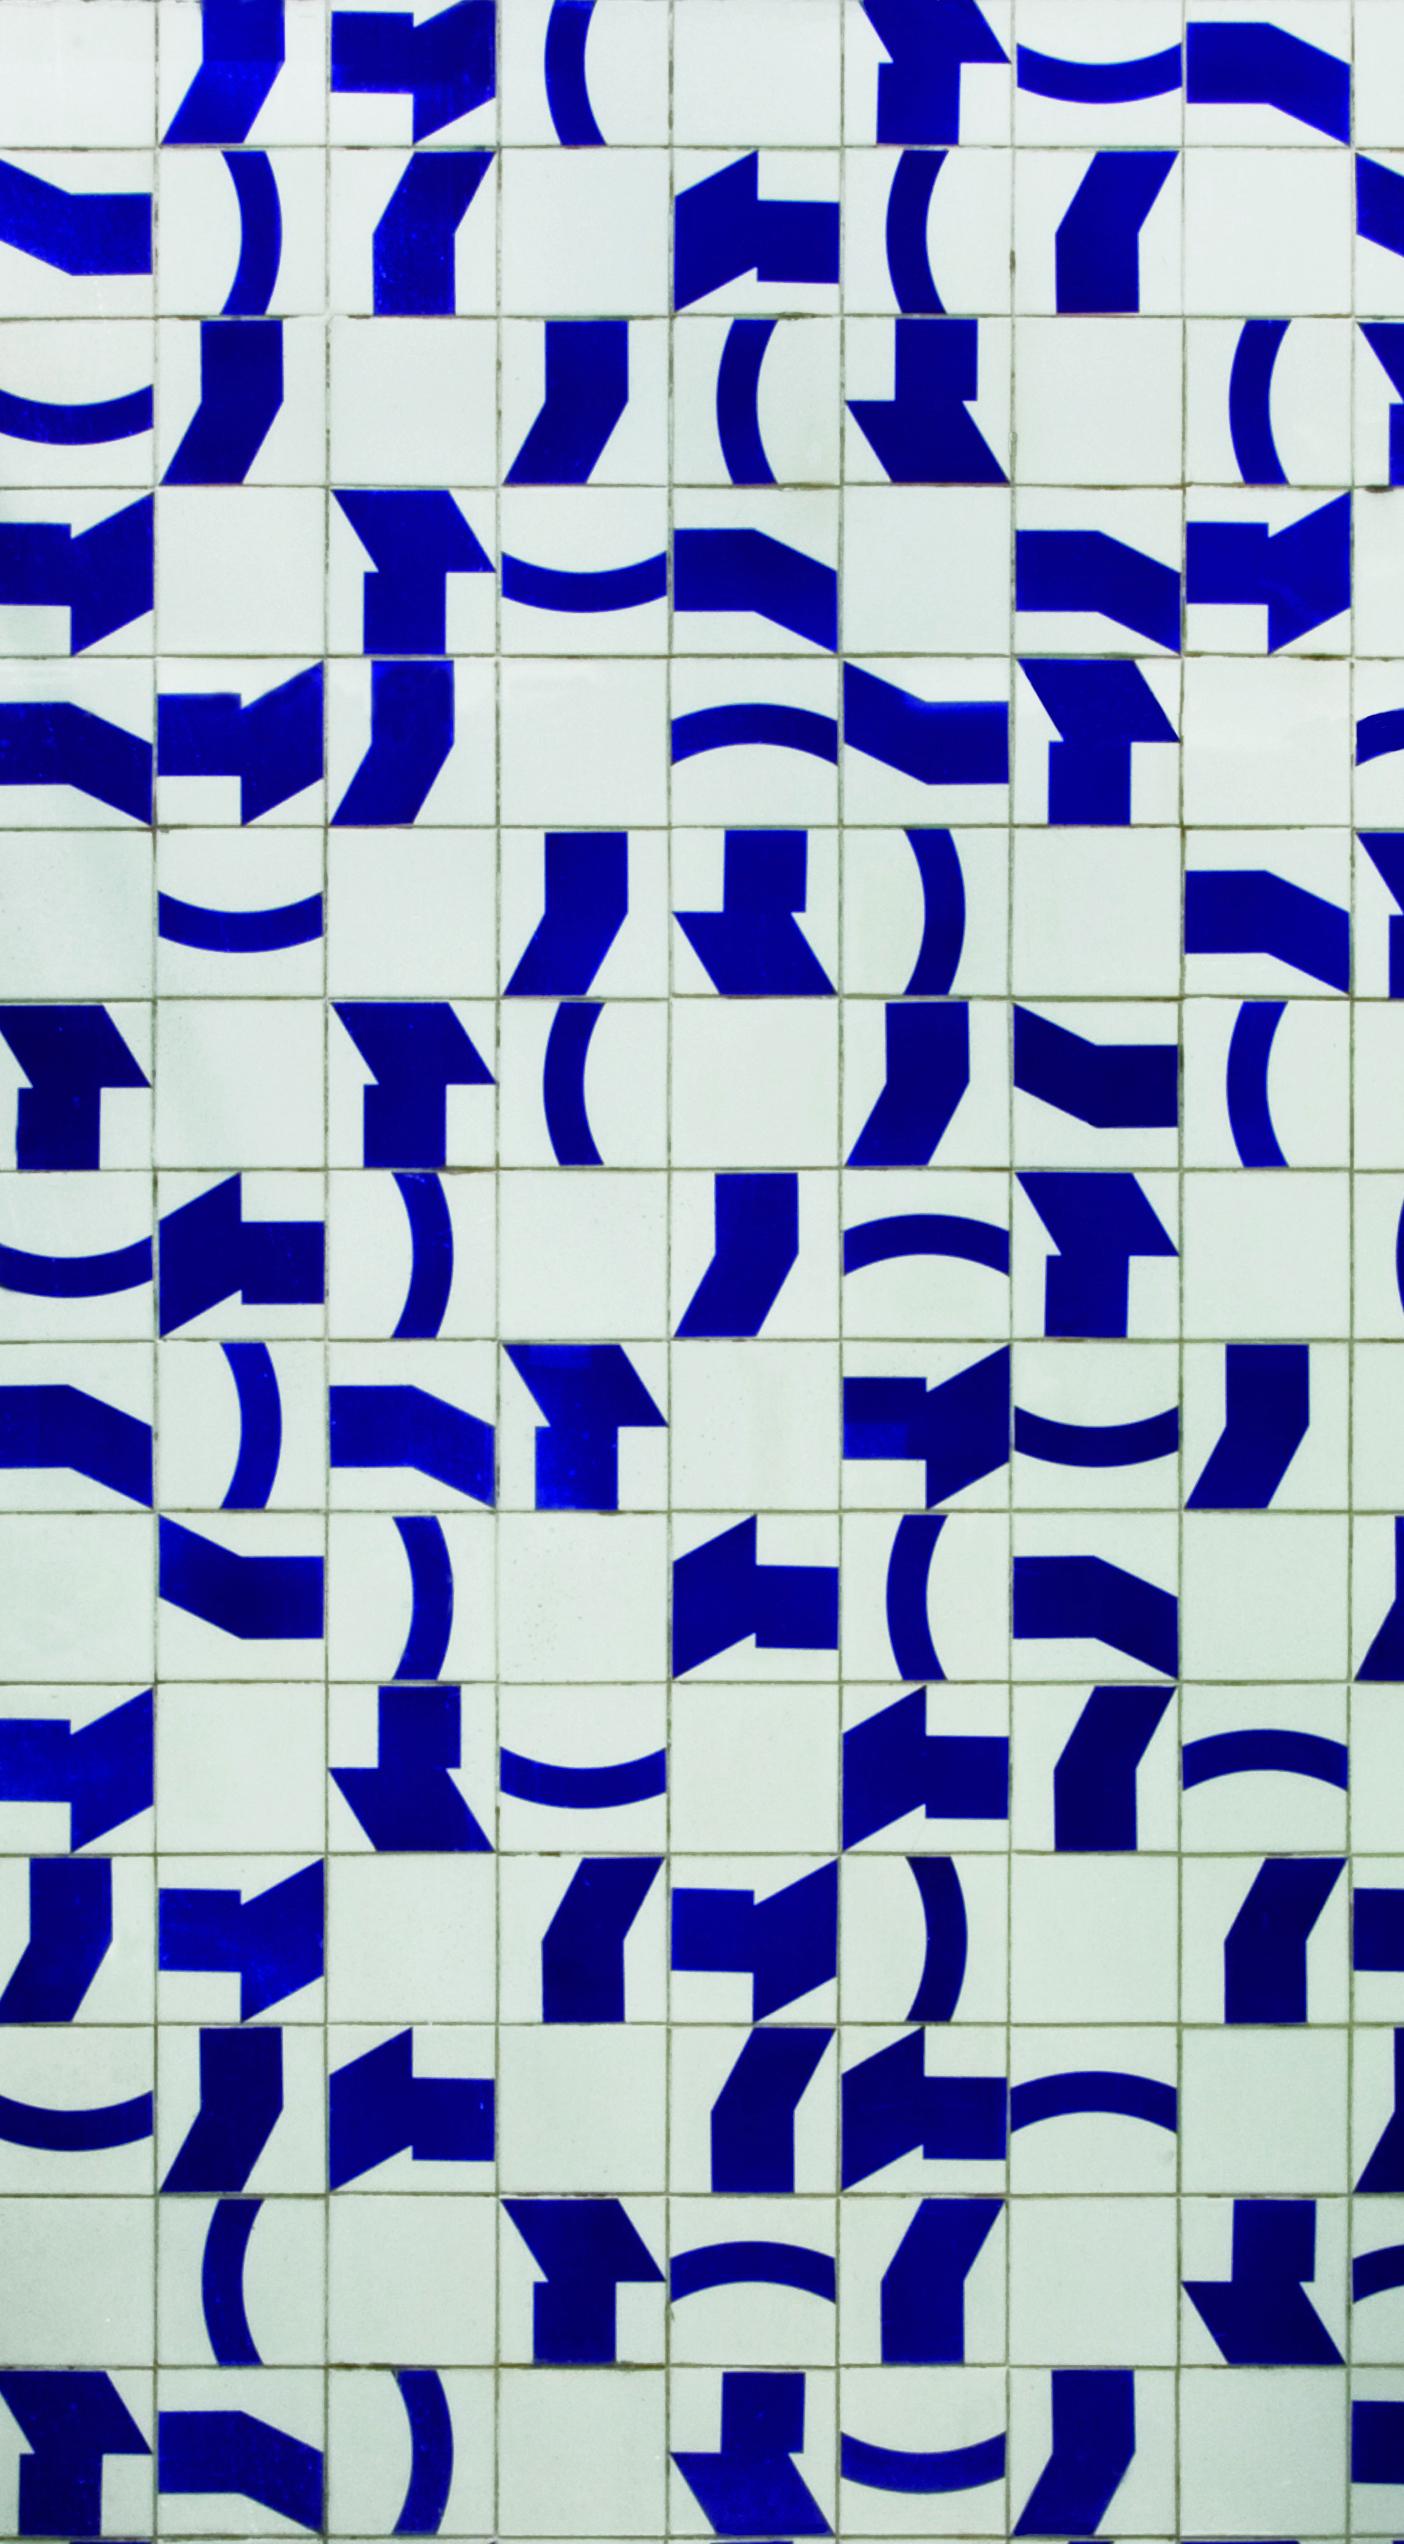 Ventania Autor: Athos Bulcão Ano: 1960  Técnica: Pintura em azulejo